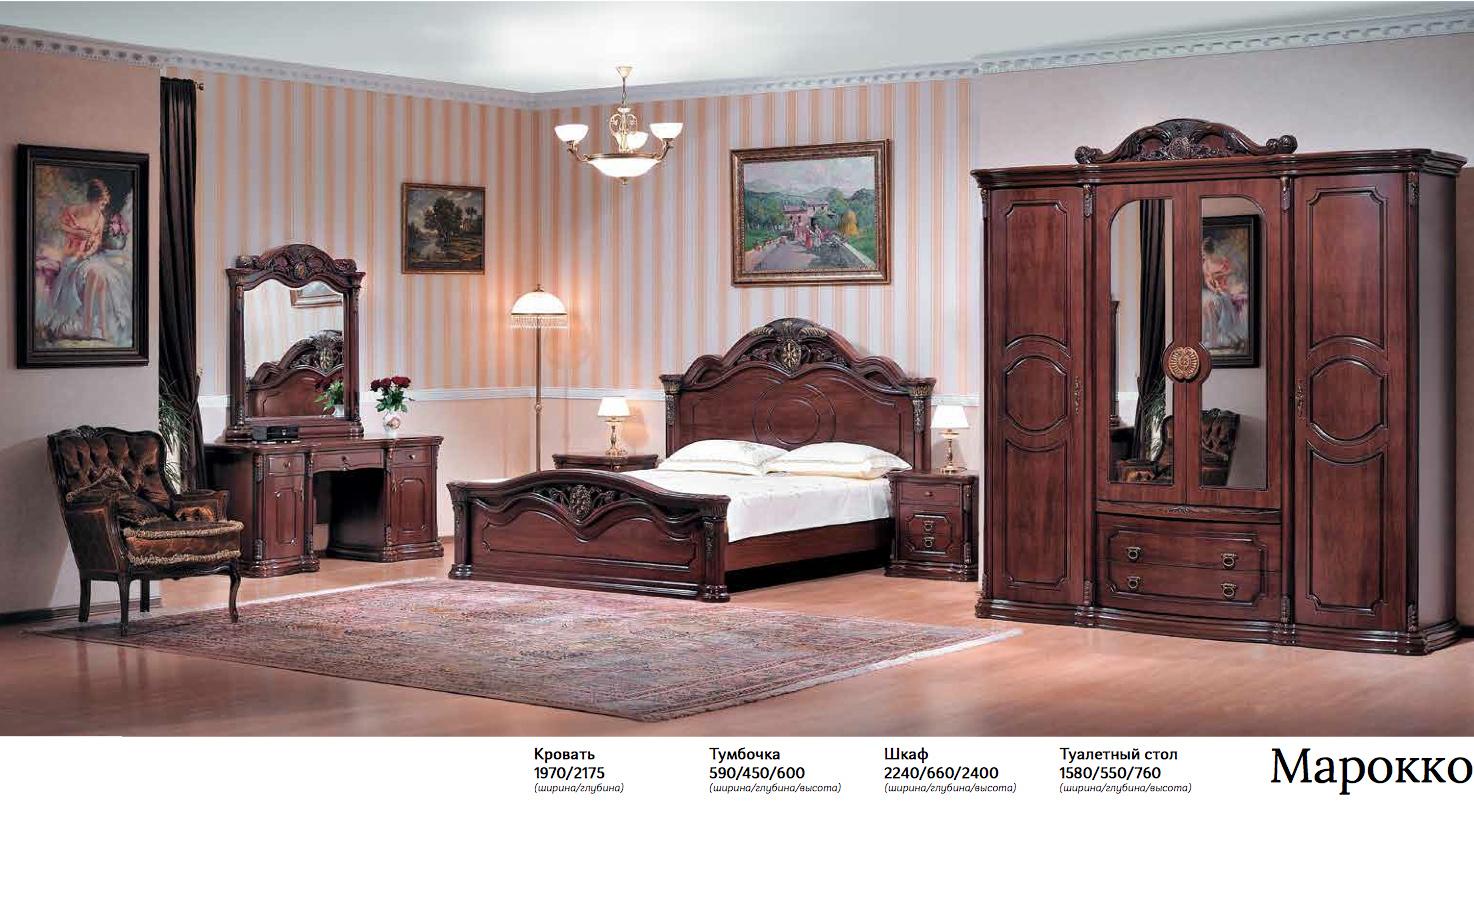 Юг мебель ставрополь каталог фото